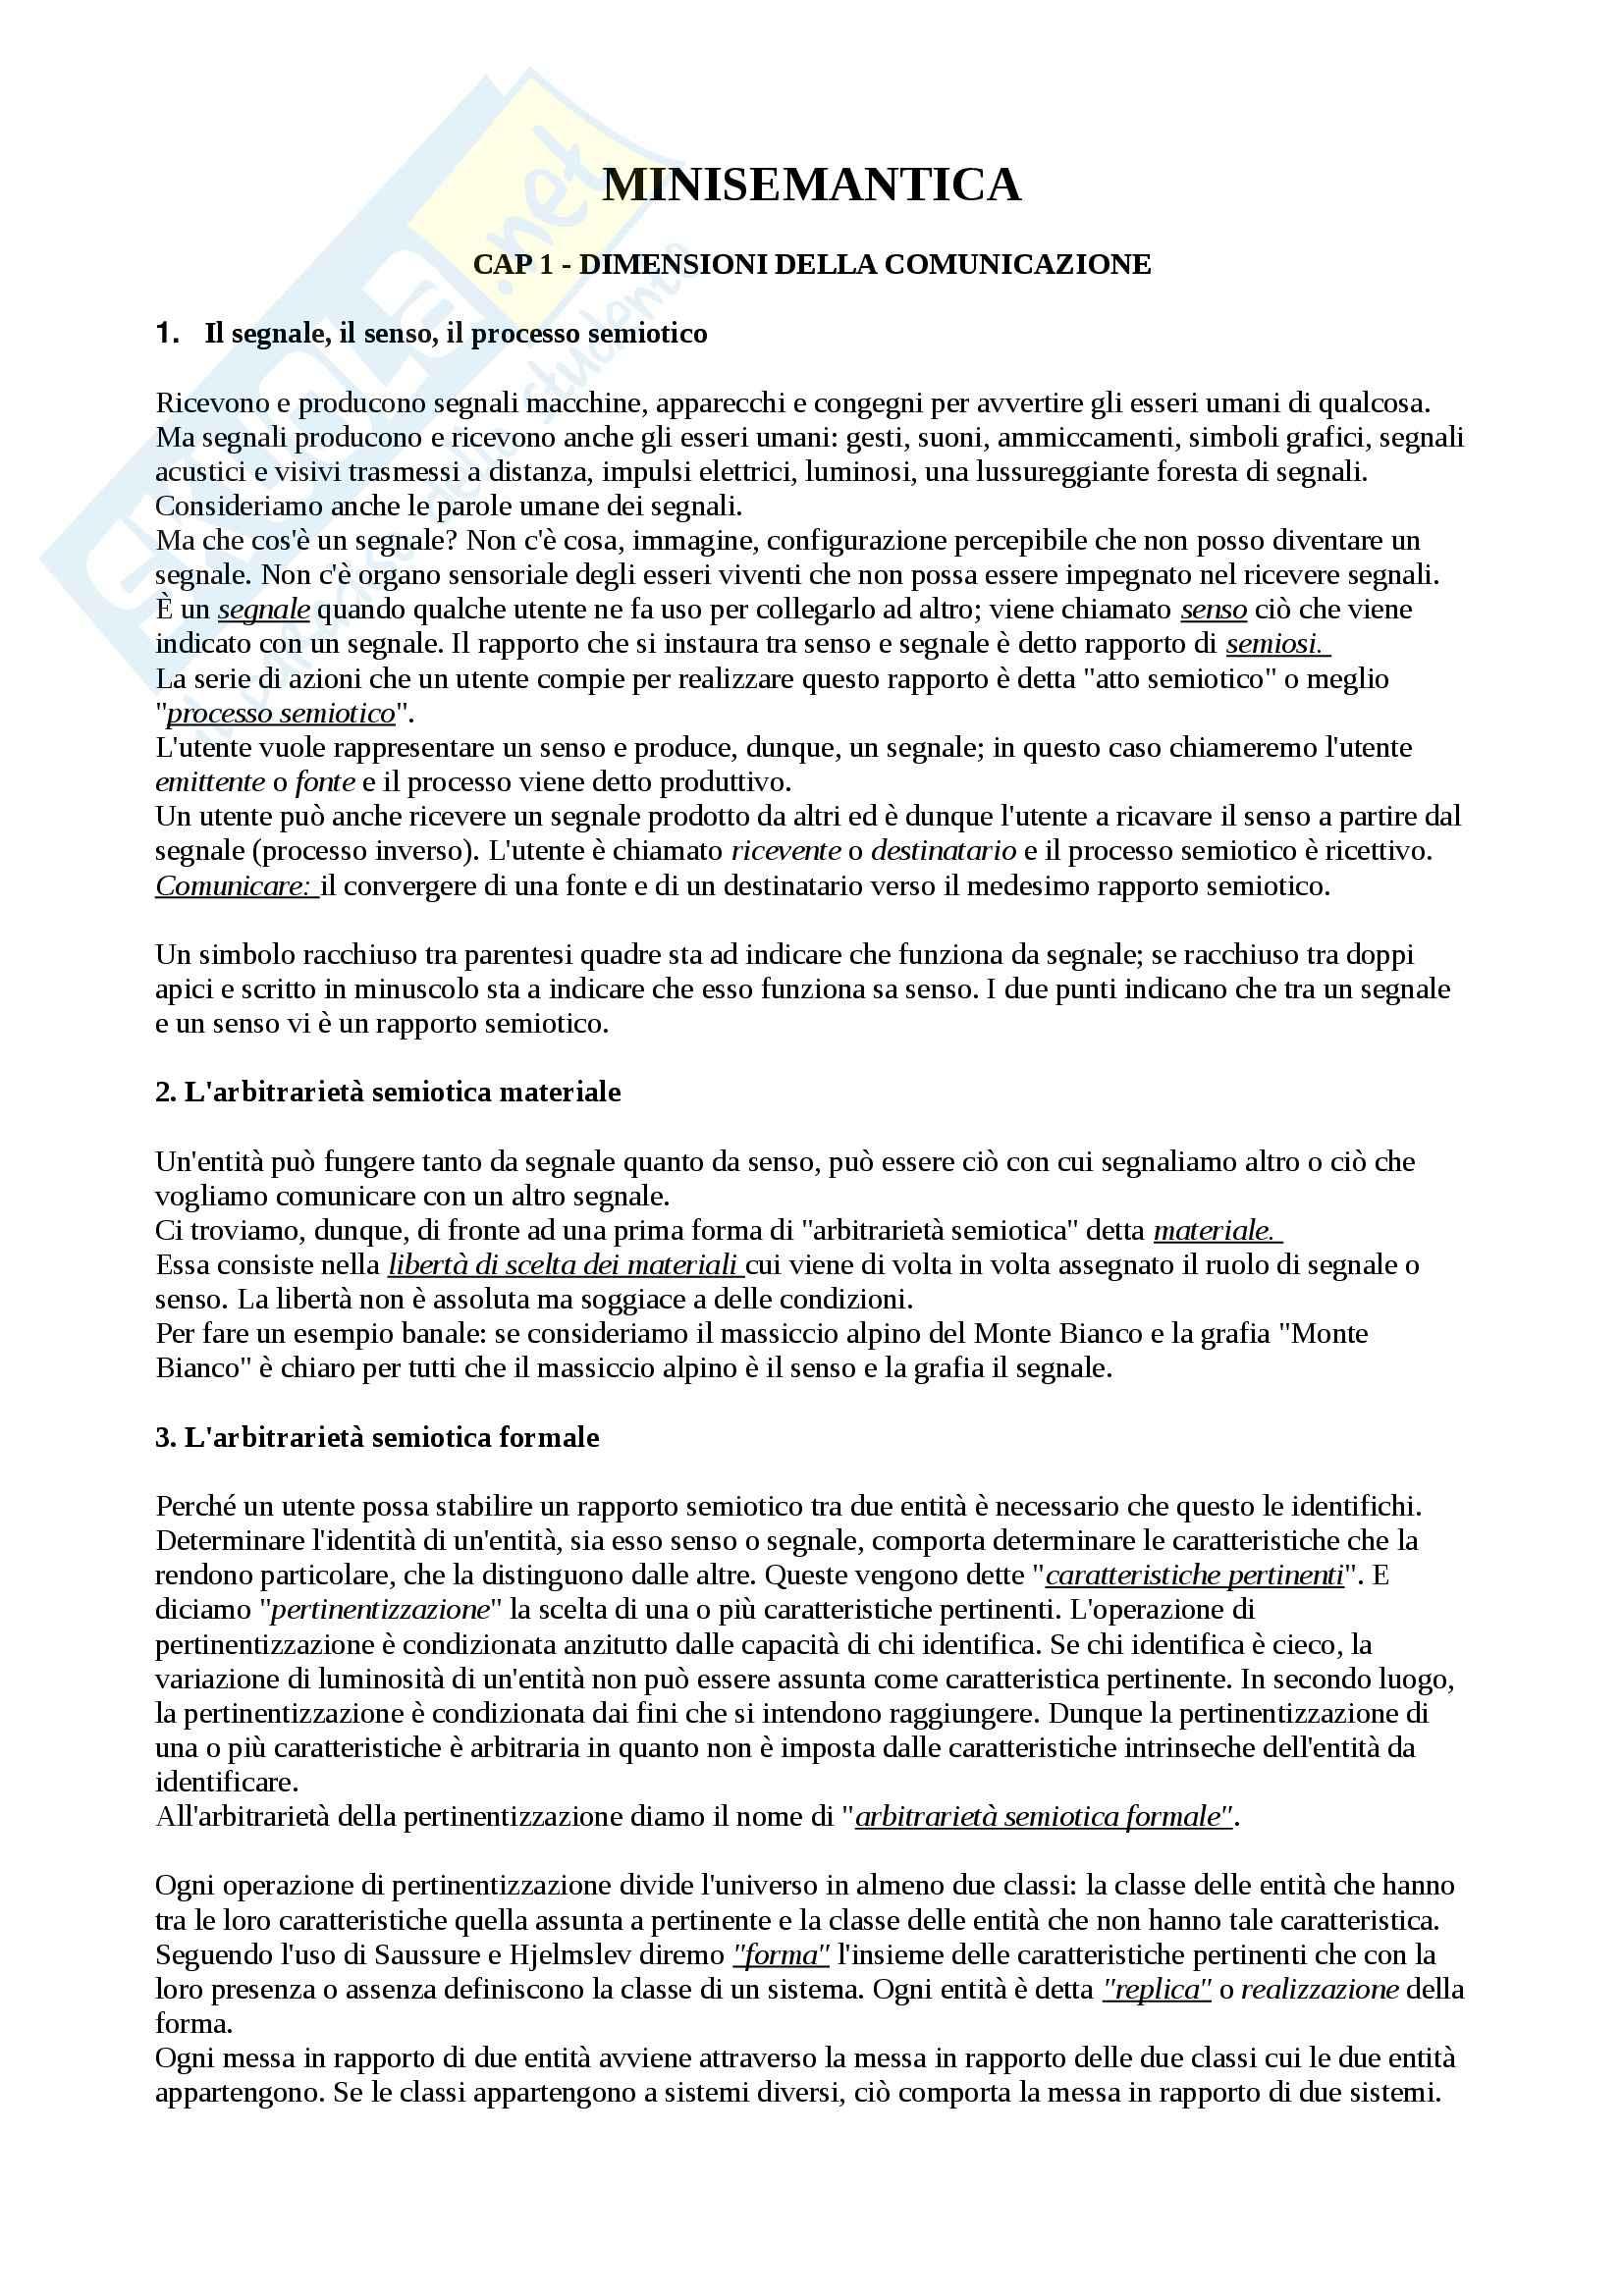 Riassunto esame Semiotica, prof. Vecchio, libro consigliato Minisemantica, De Mauro